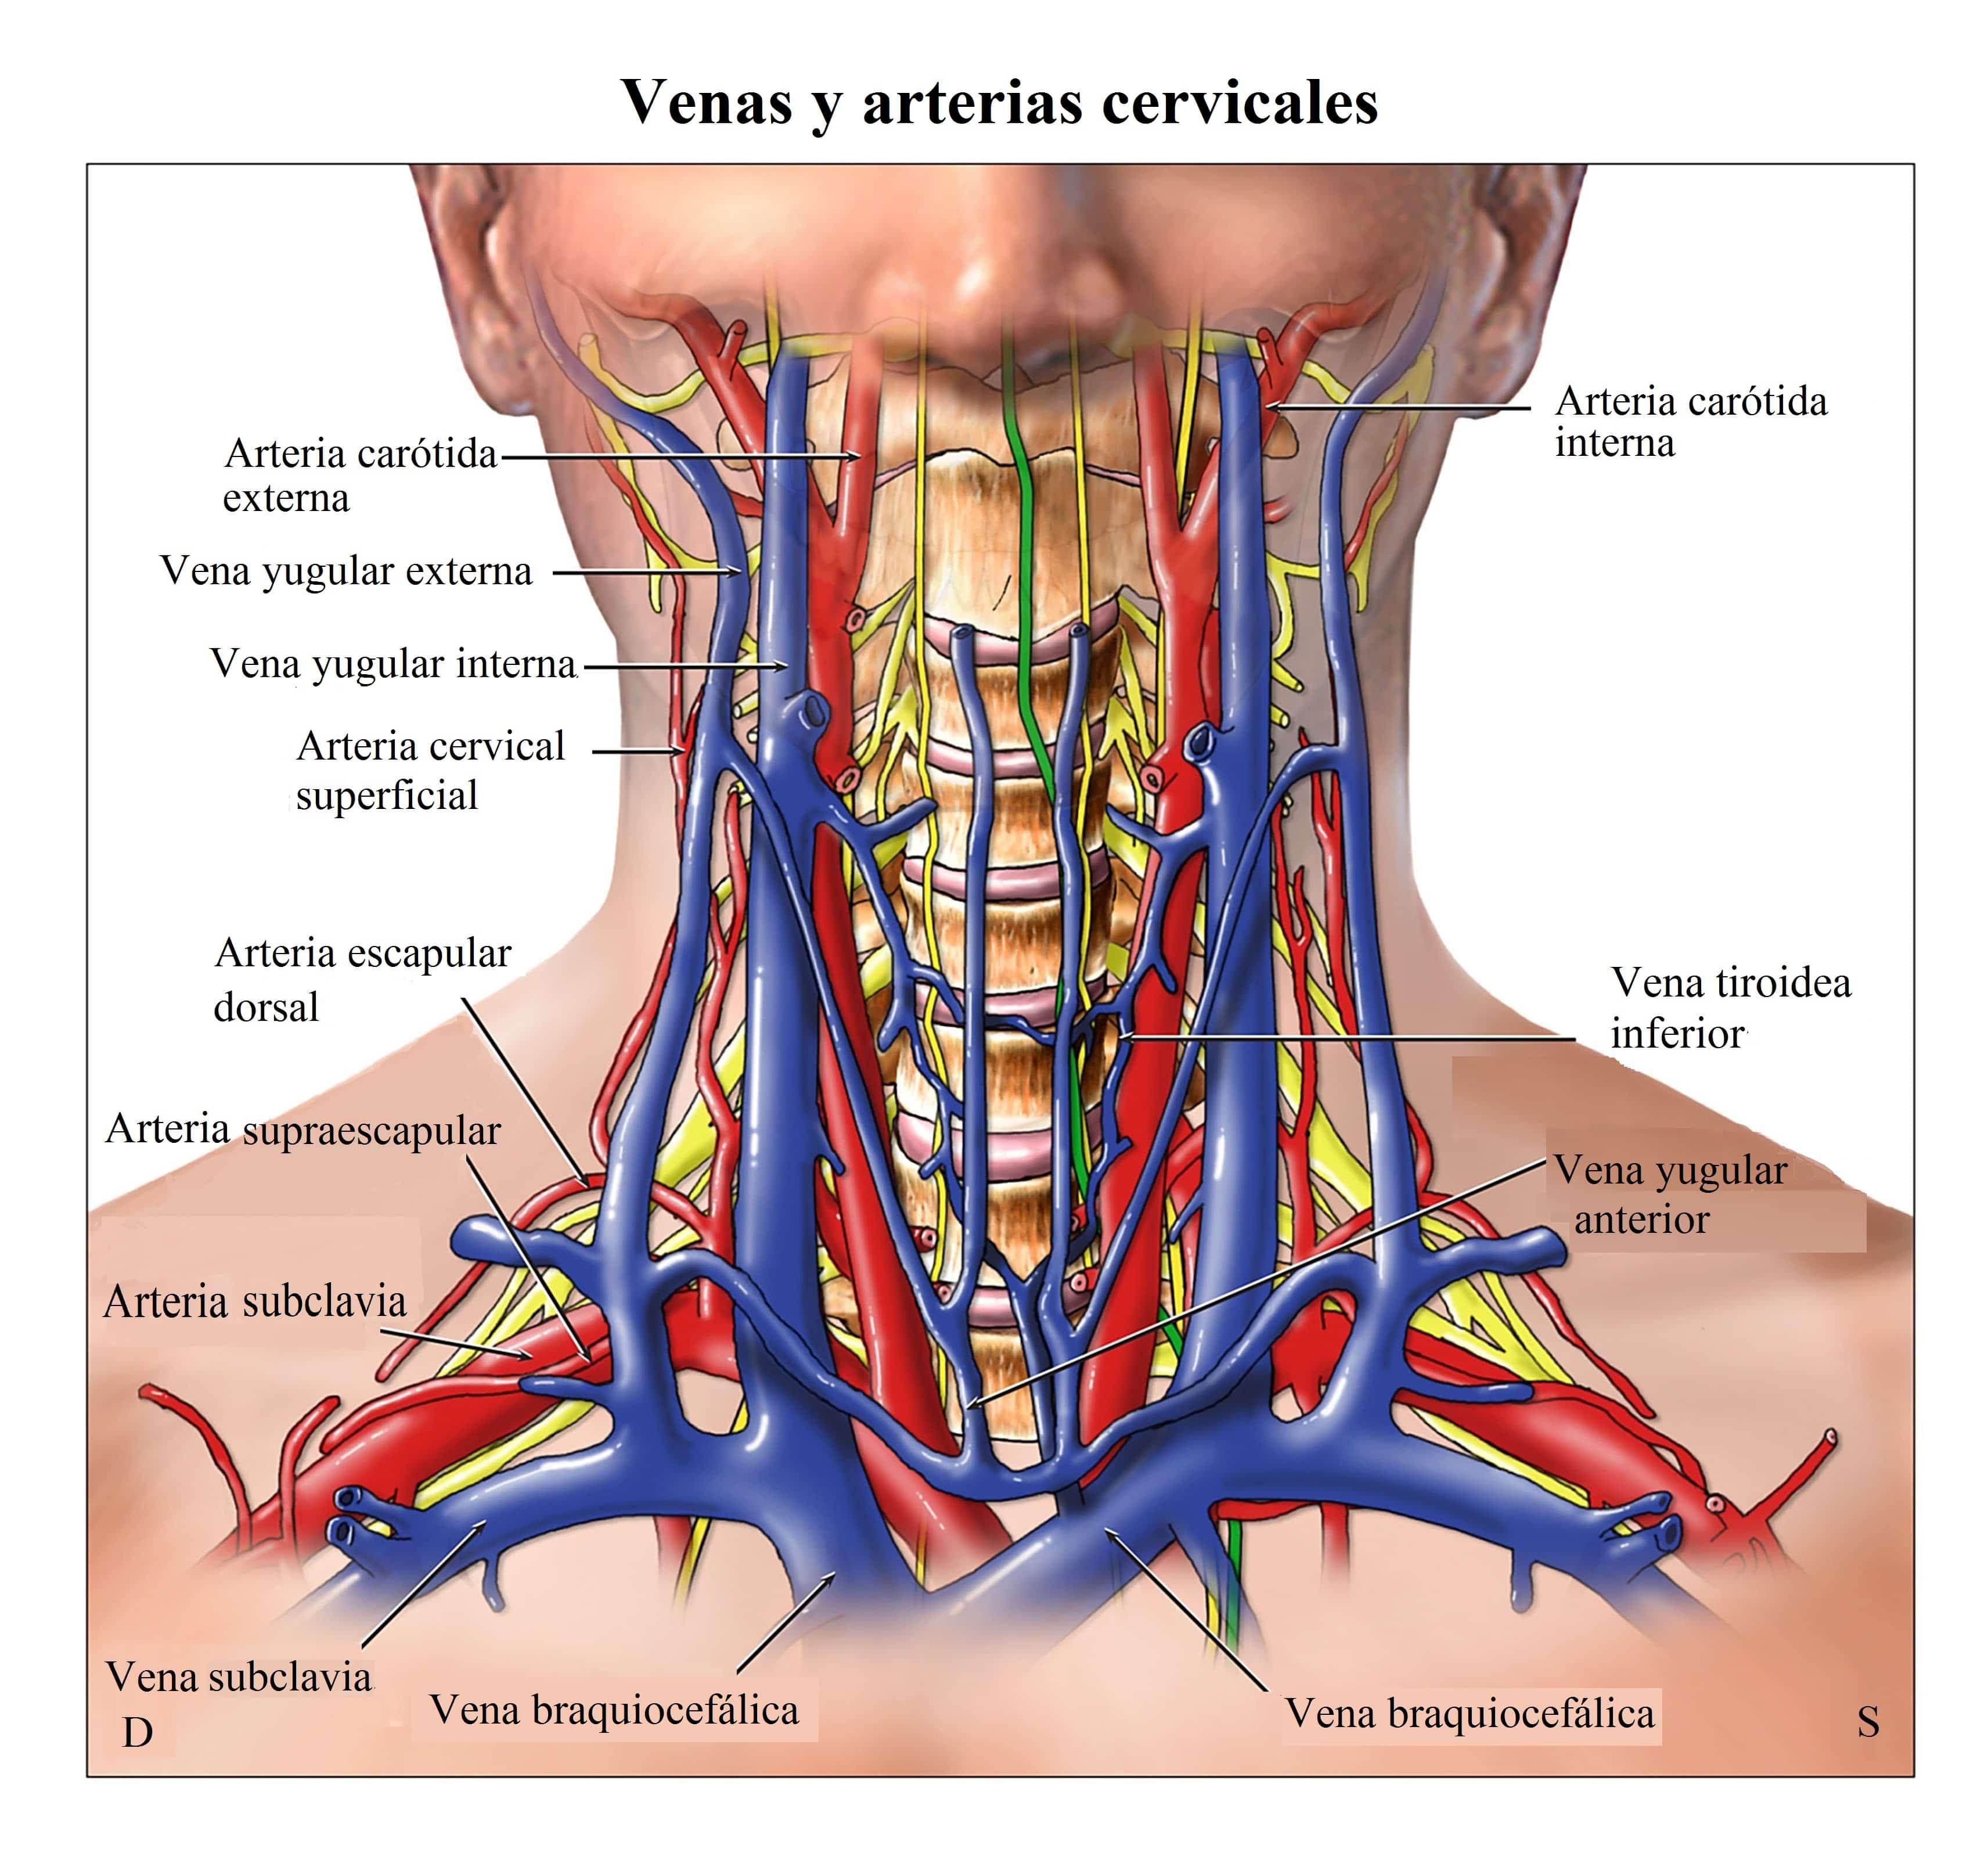 Anatomía de las arterias Venas-y-nervios-del-cuello-cervical-Región-de-la-columna-vertebral